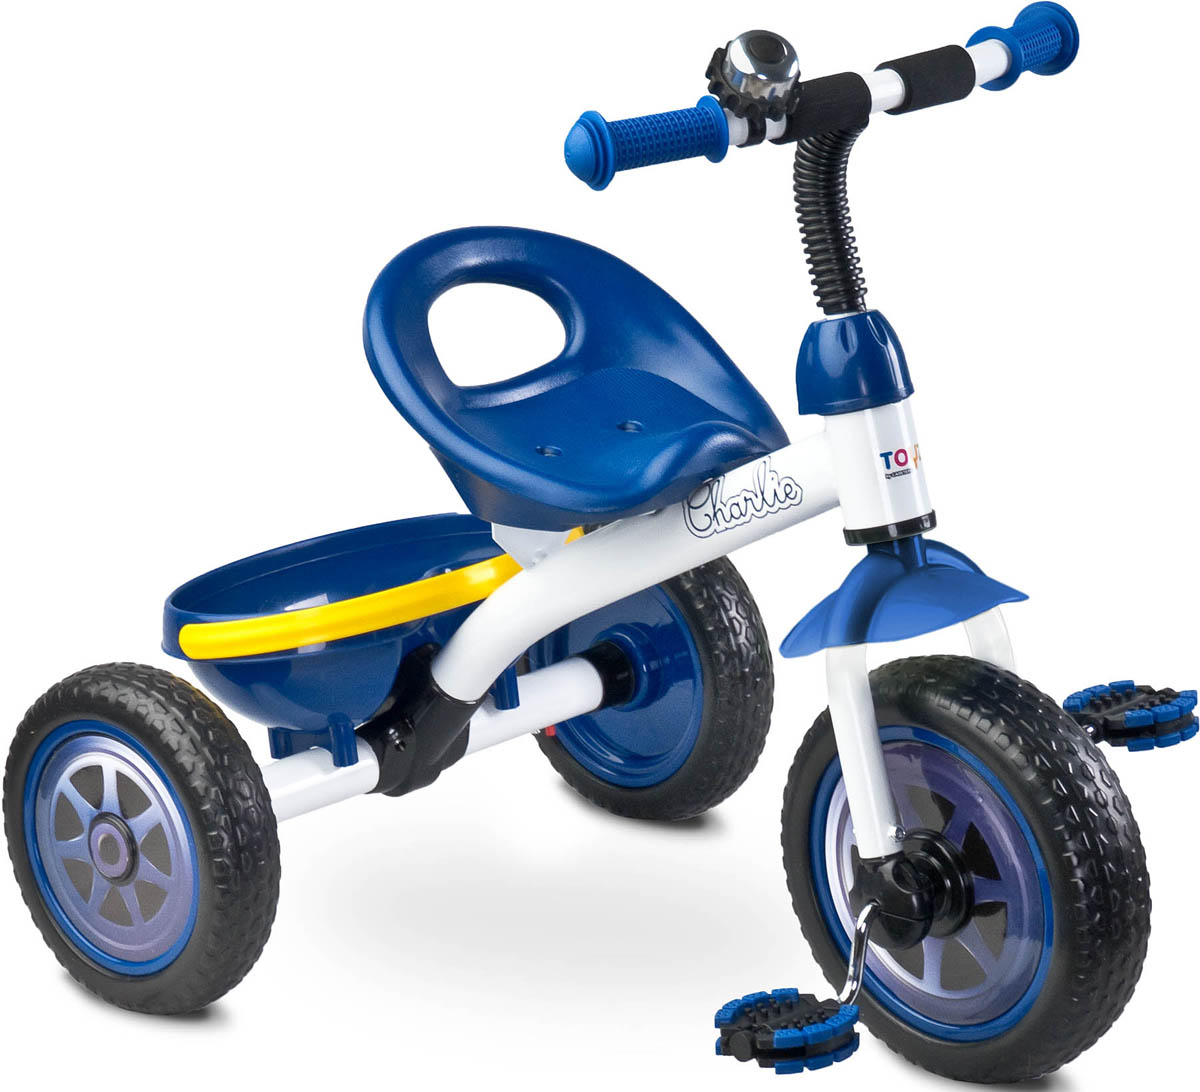 Caretero Велосипед трехколесный детский Charlie цвет синий